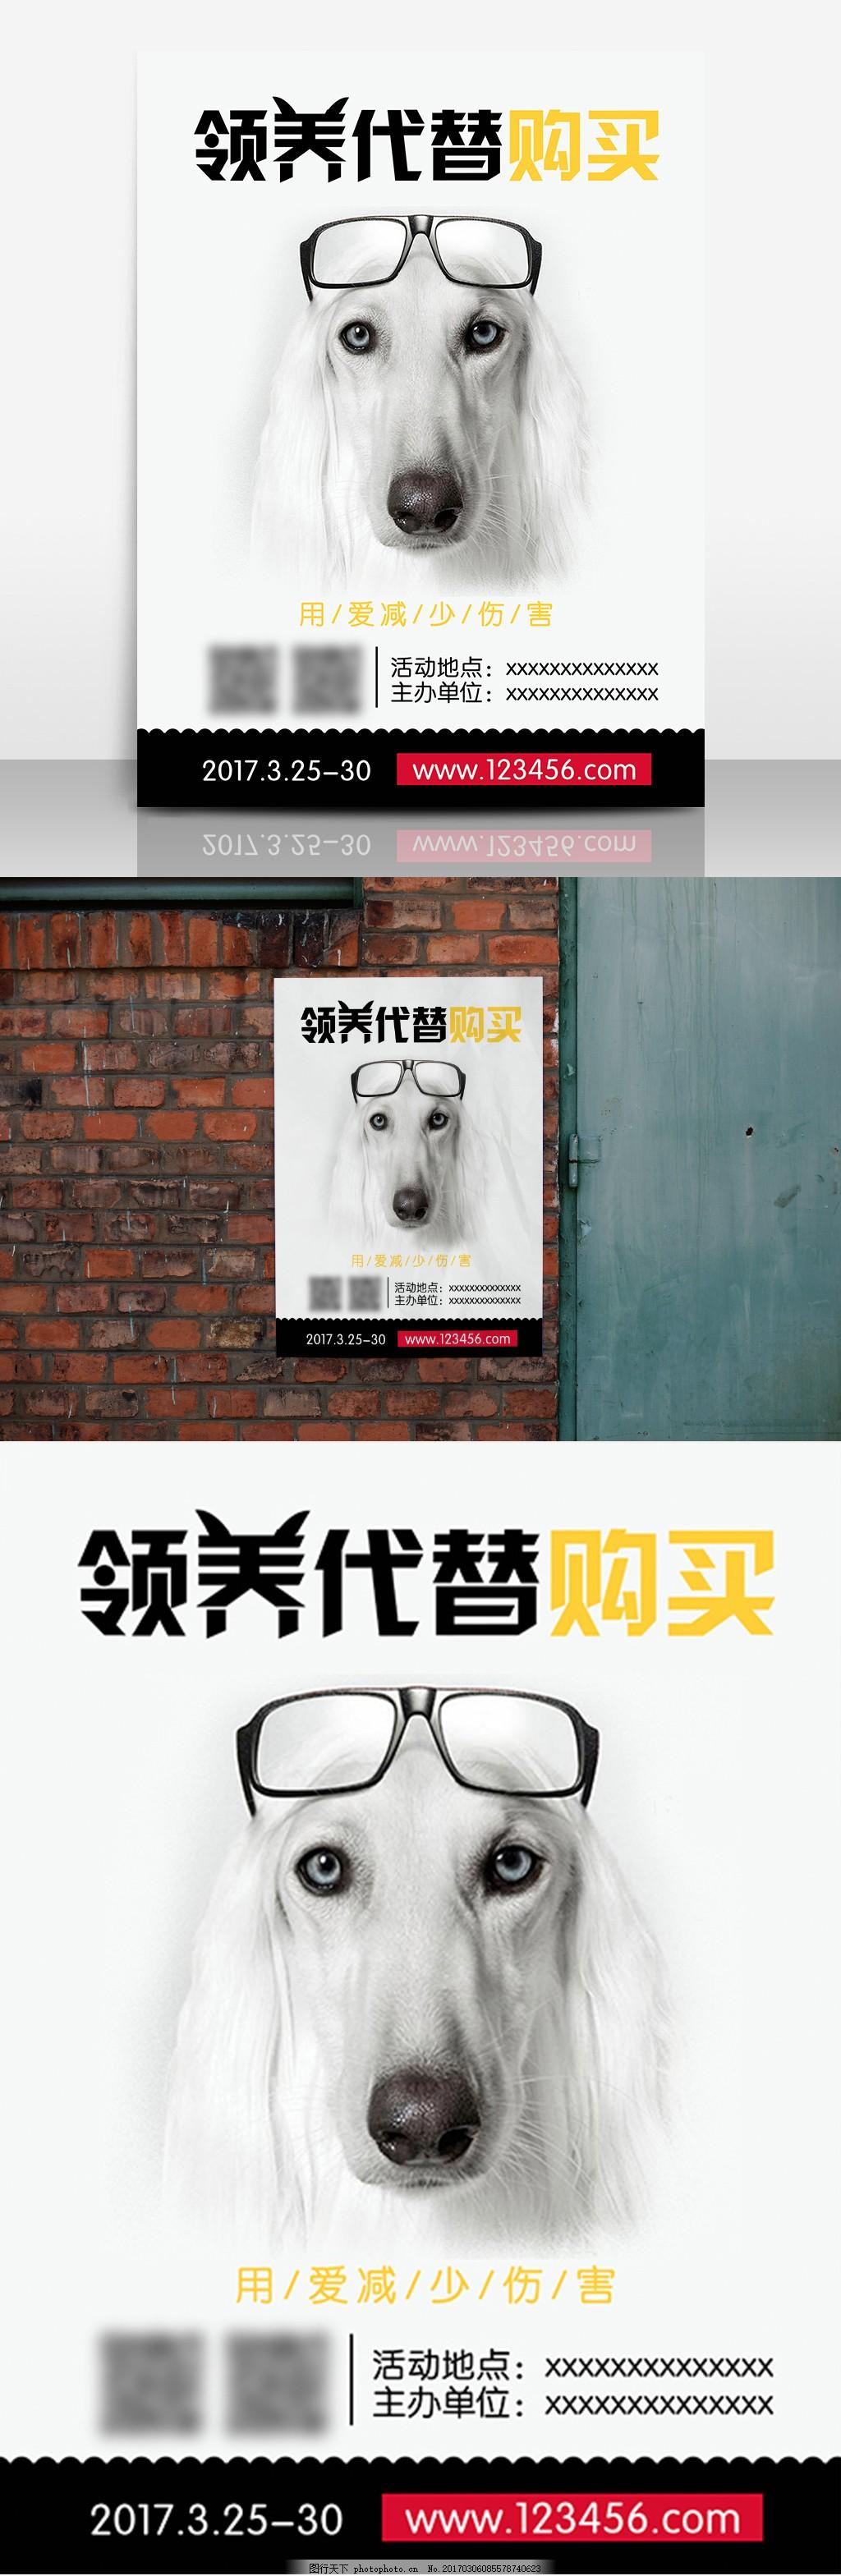 领养保护动物爱护动物公益减少伤害海报